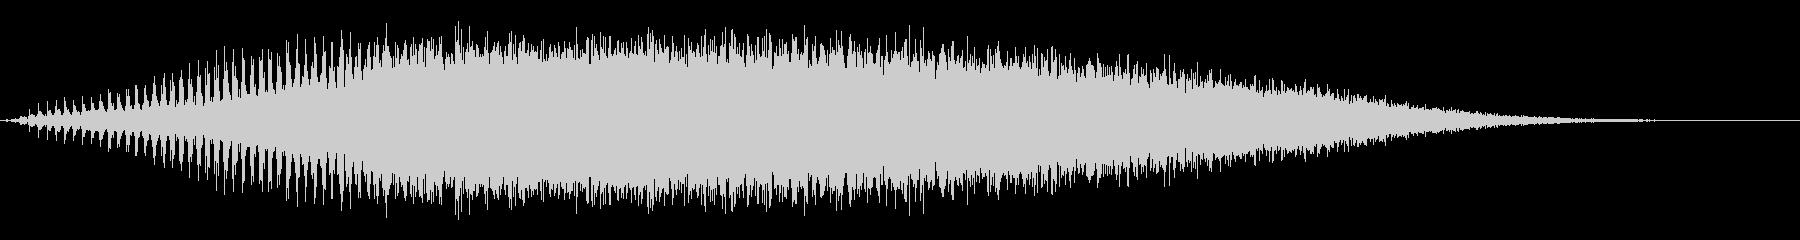 スパッタロールスイープアクセントの未再生の波形